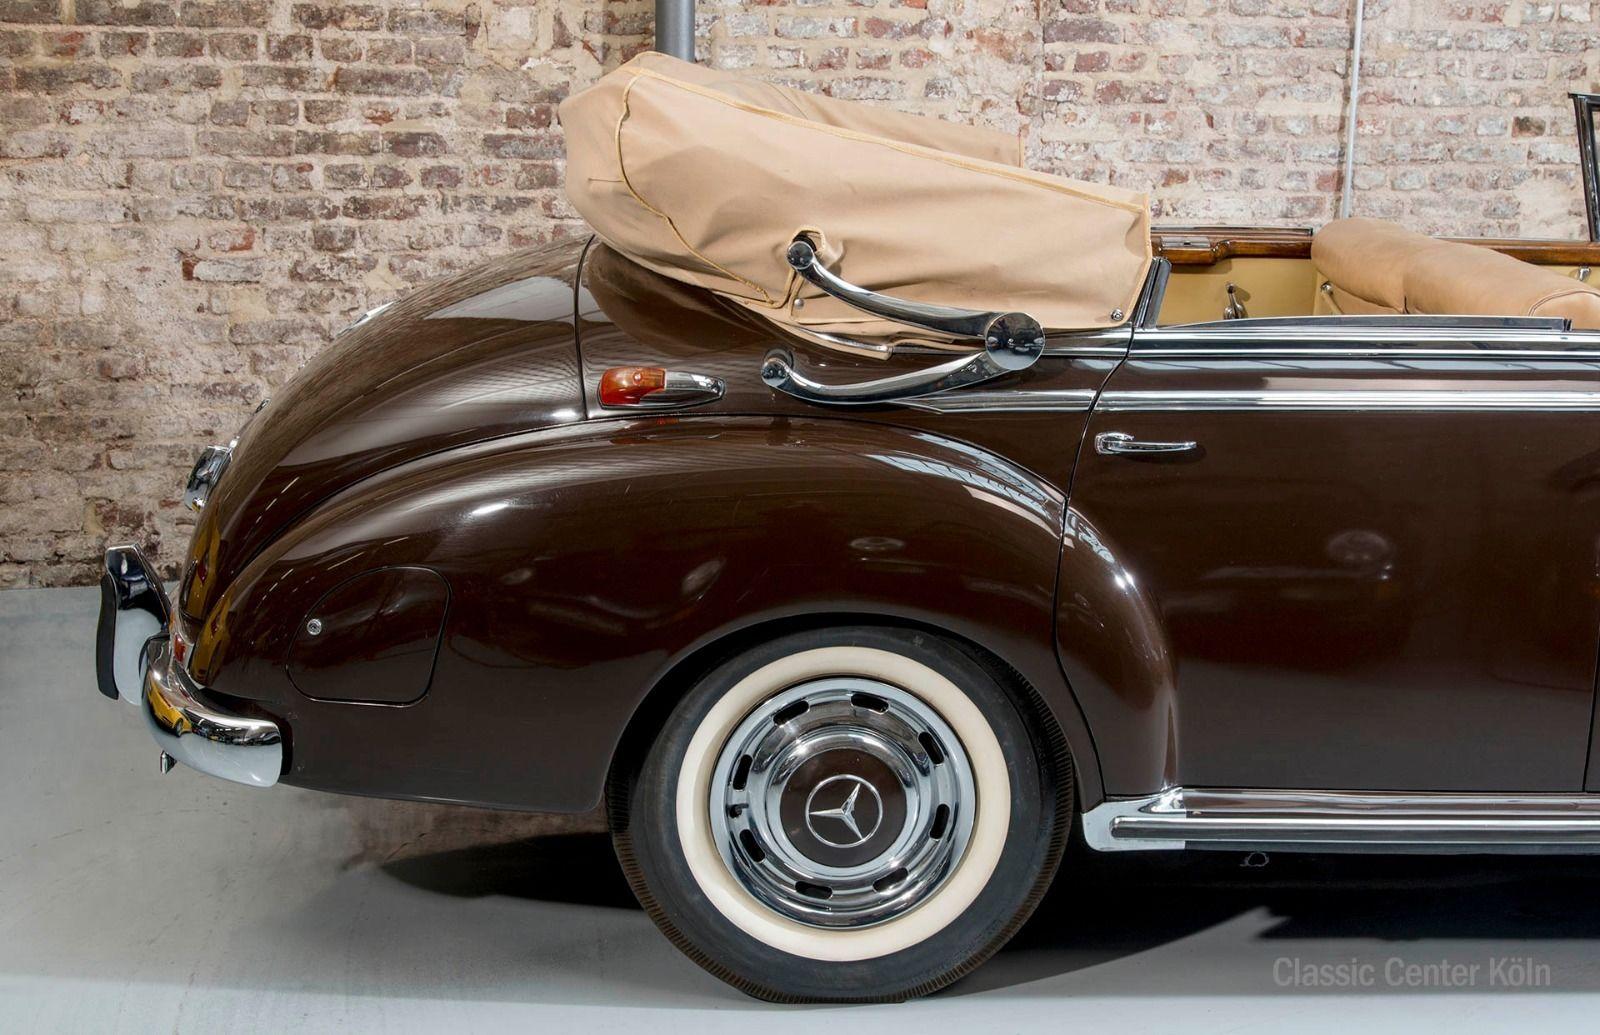 mercedes benz 300 c adenauer cabrio d 1 von 51 gebauten classic center k ln. Black Bedroom Furniture Sets. Home Design Ideas